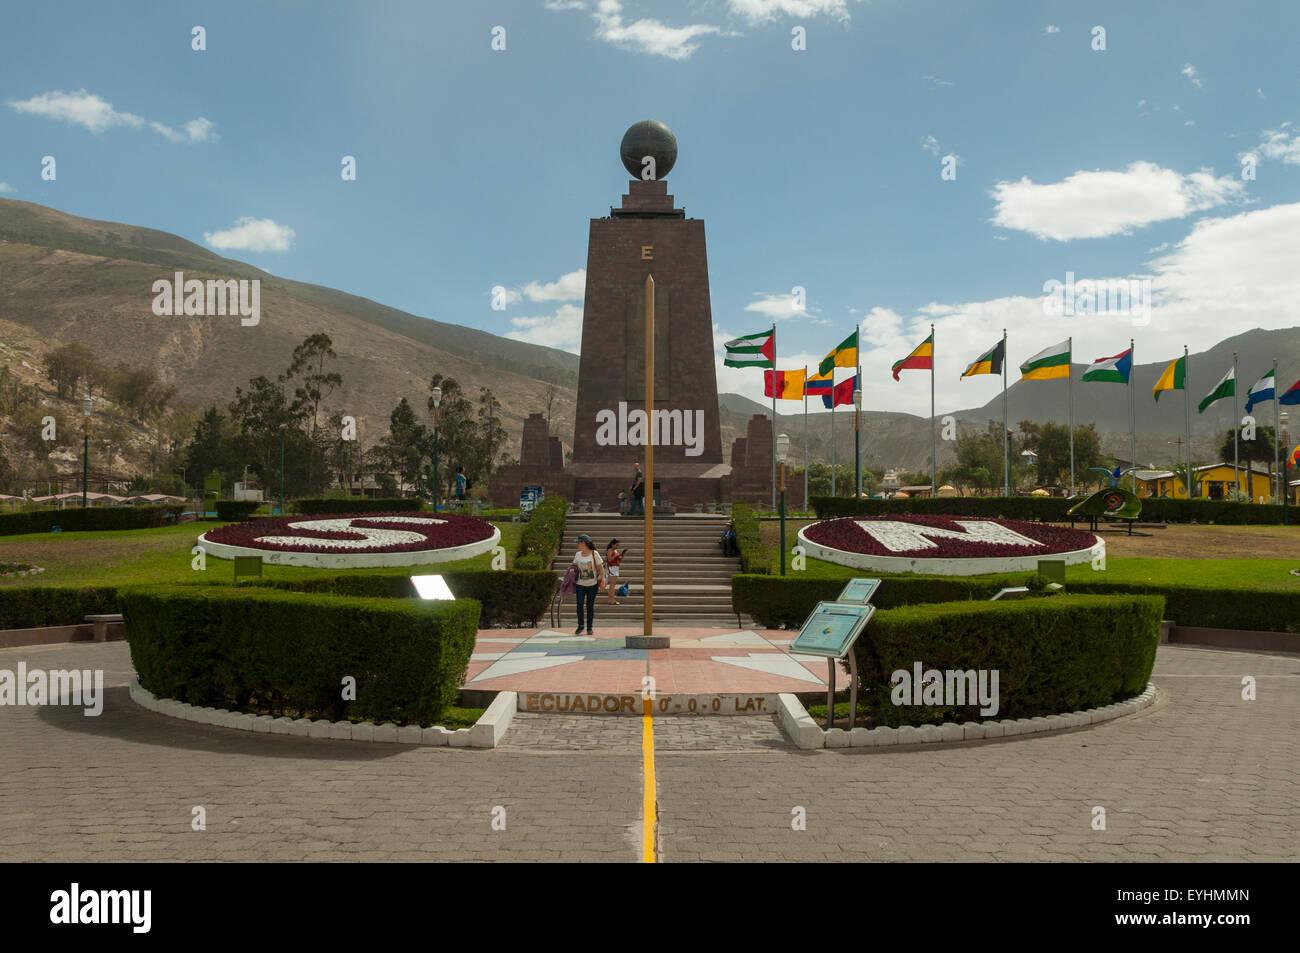 The Equator Line, near Quito, Ecuador - Stock Image